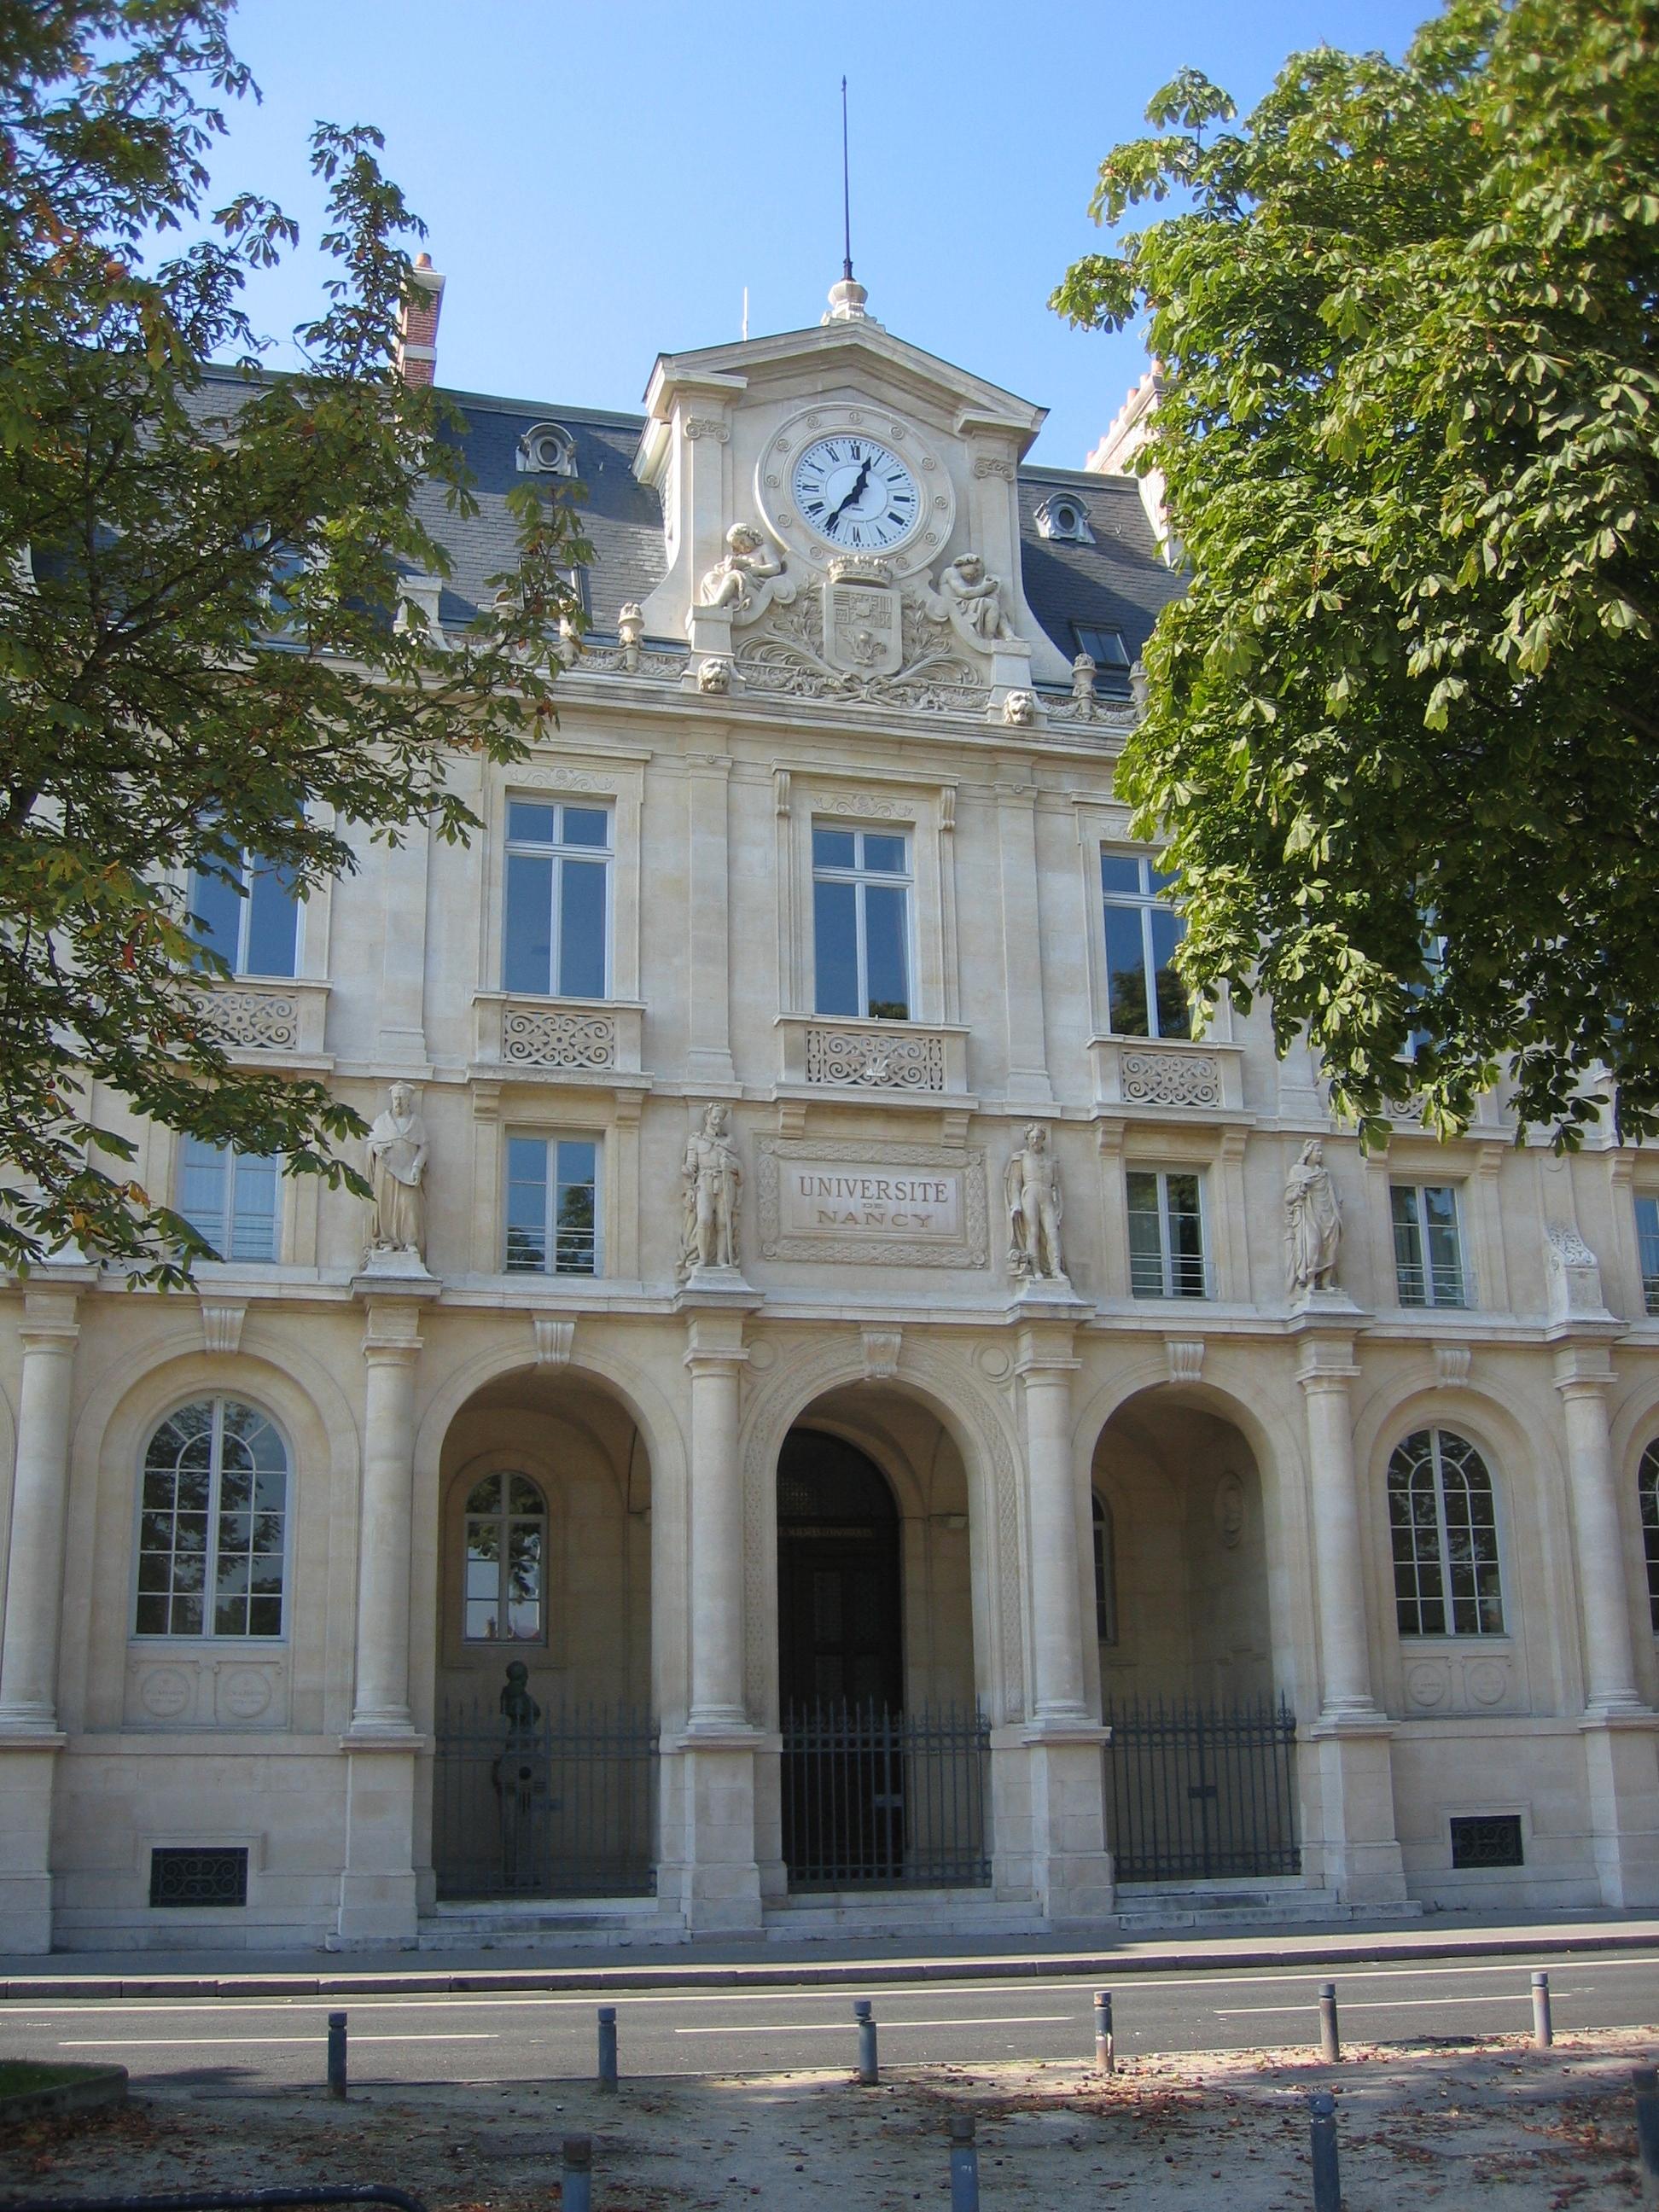 image of Nancy-Université